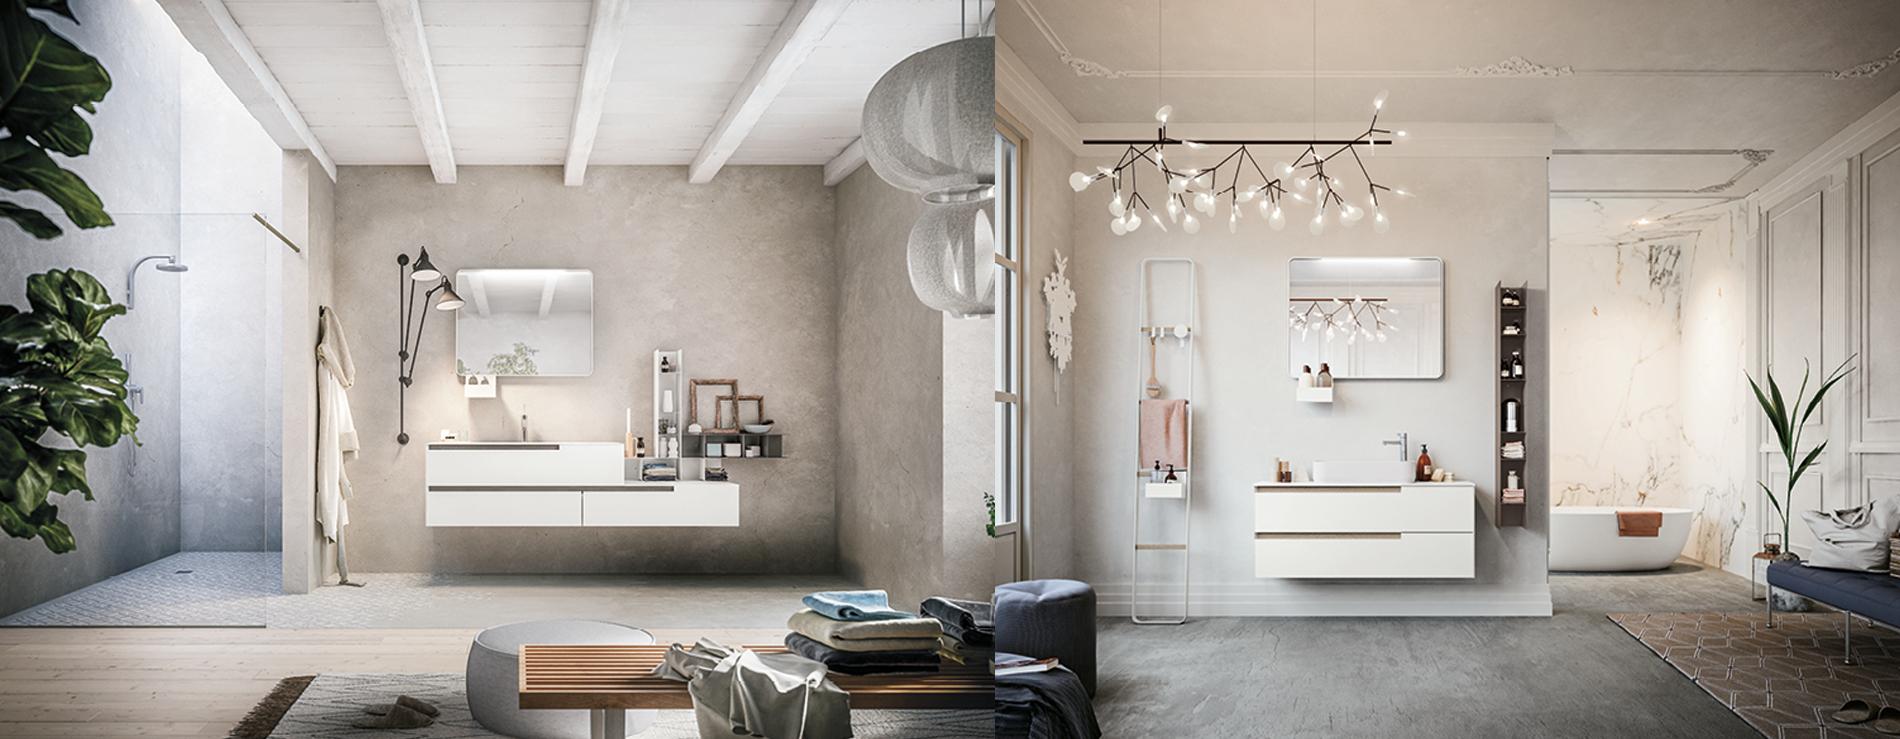 Urban artesi centro mobili for Centro convenienza arredo bagno